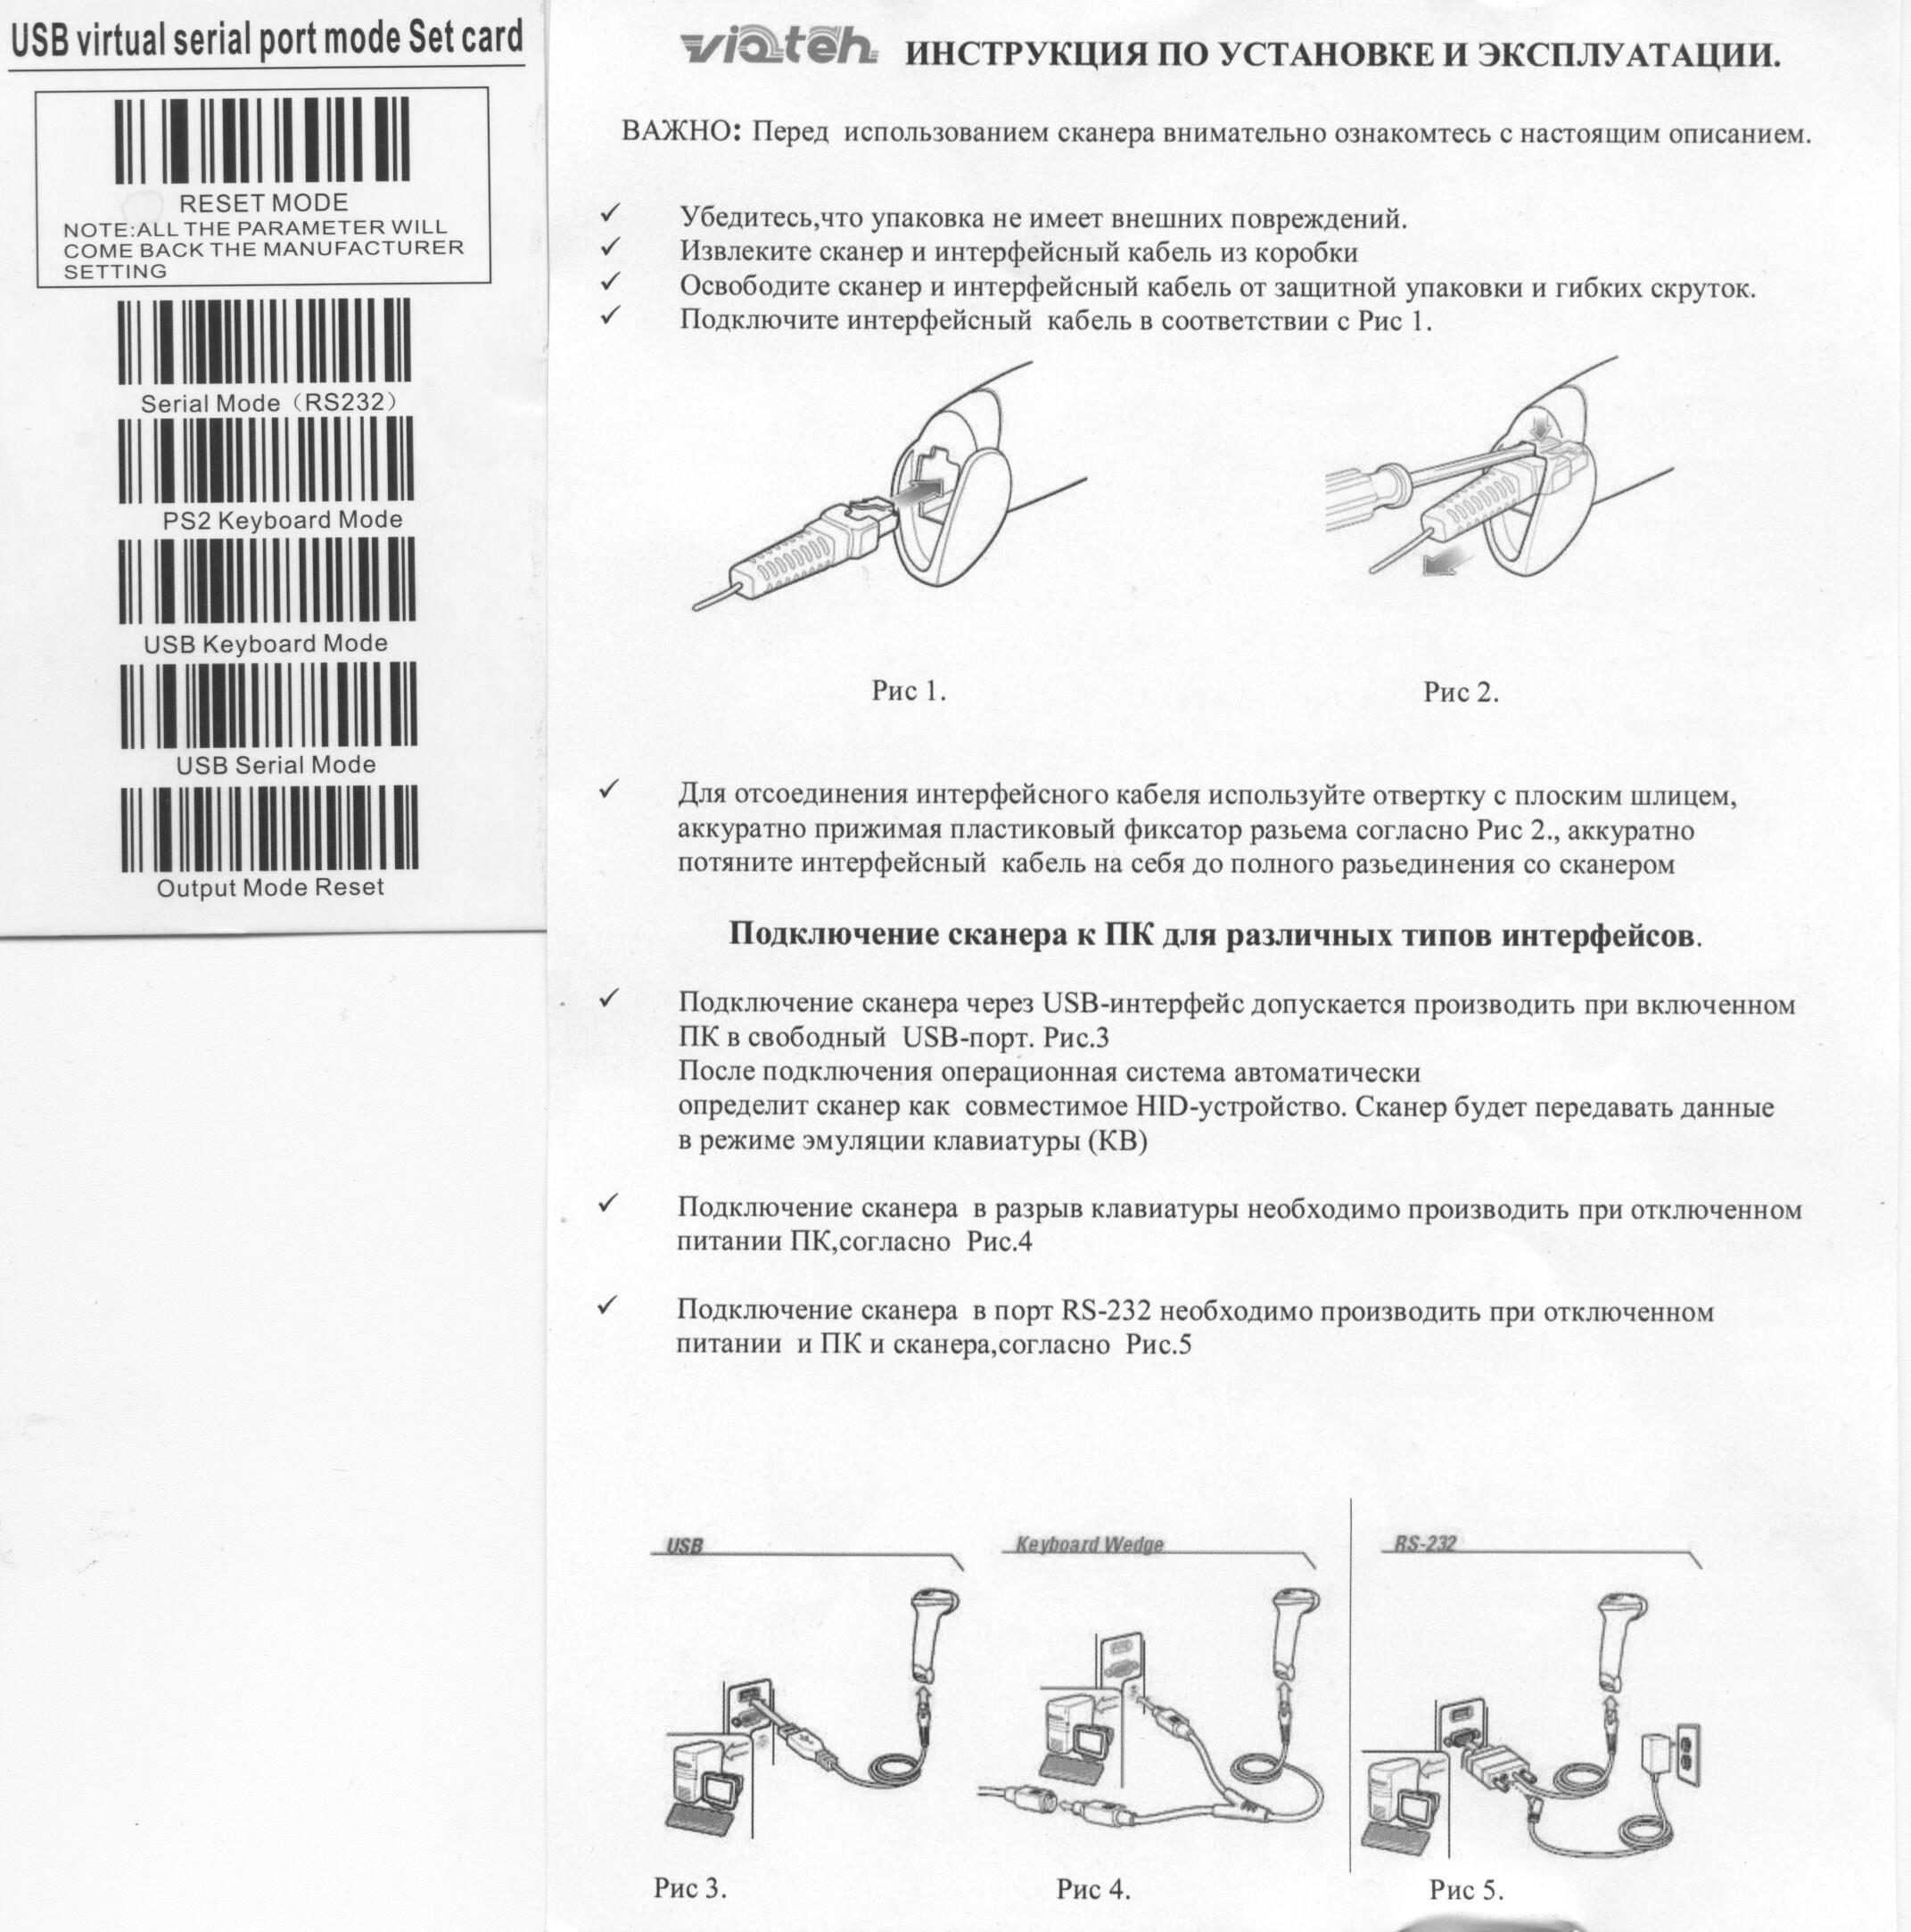 Инструкция к сканеру VIOTEH